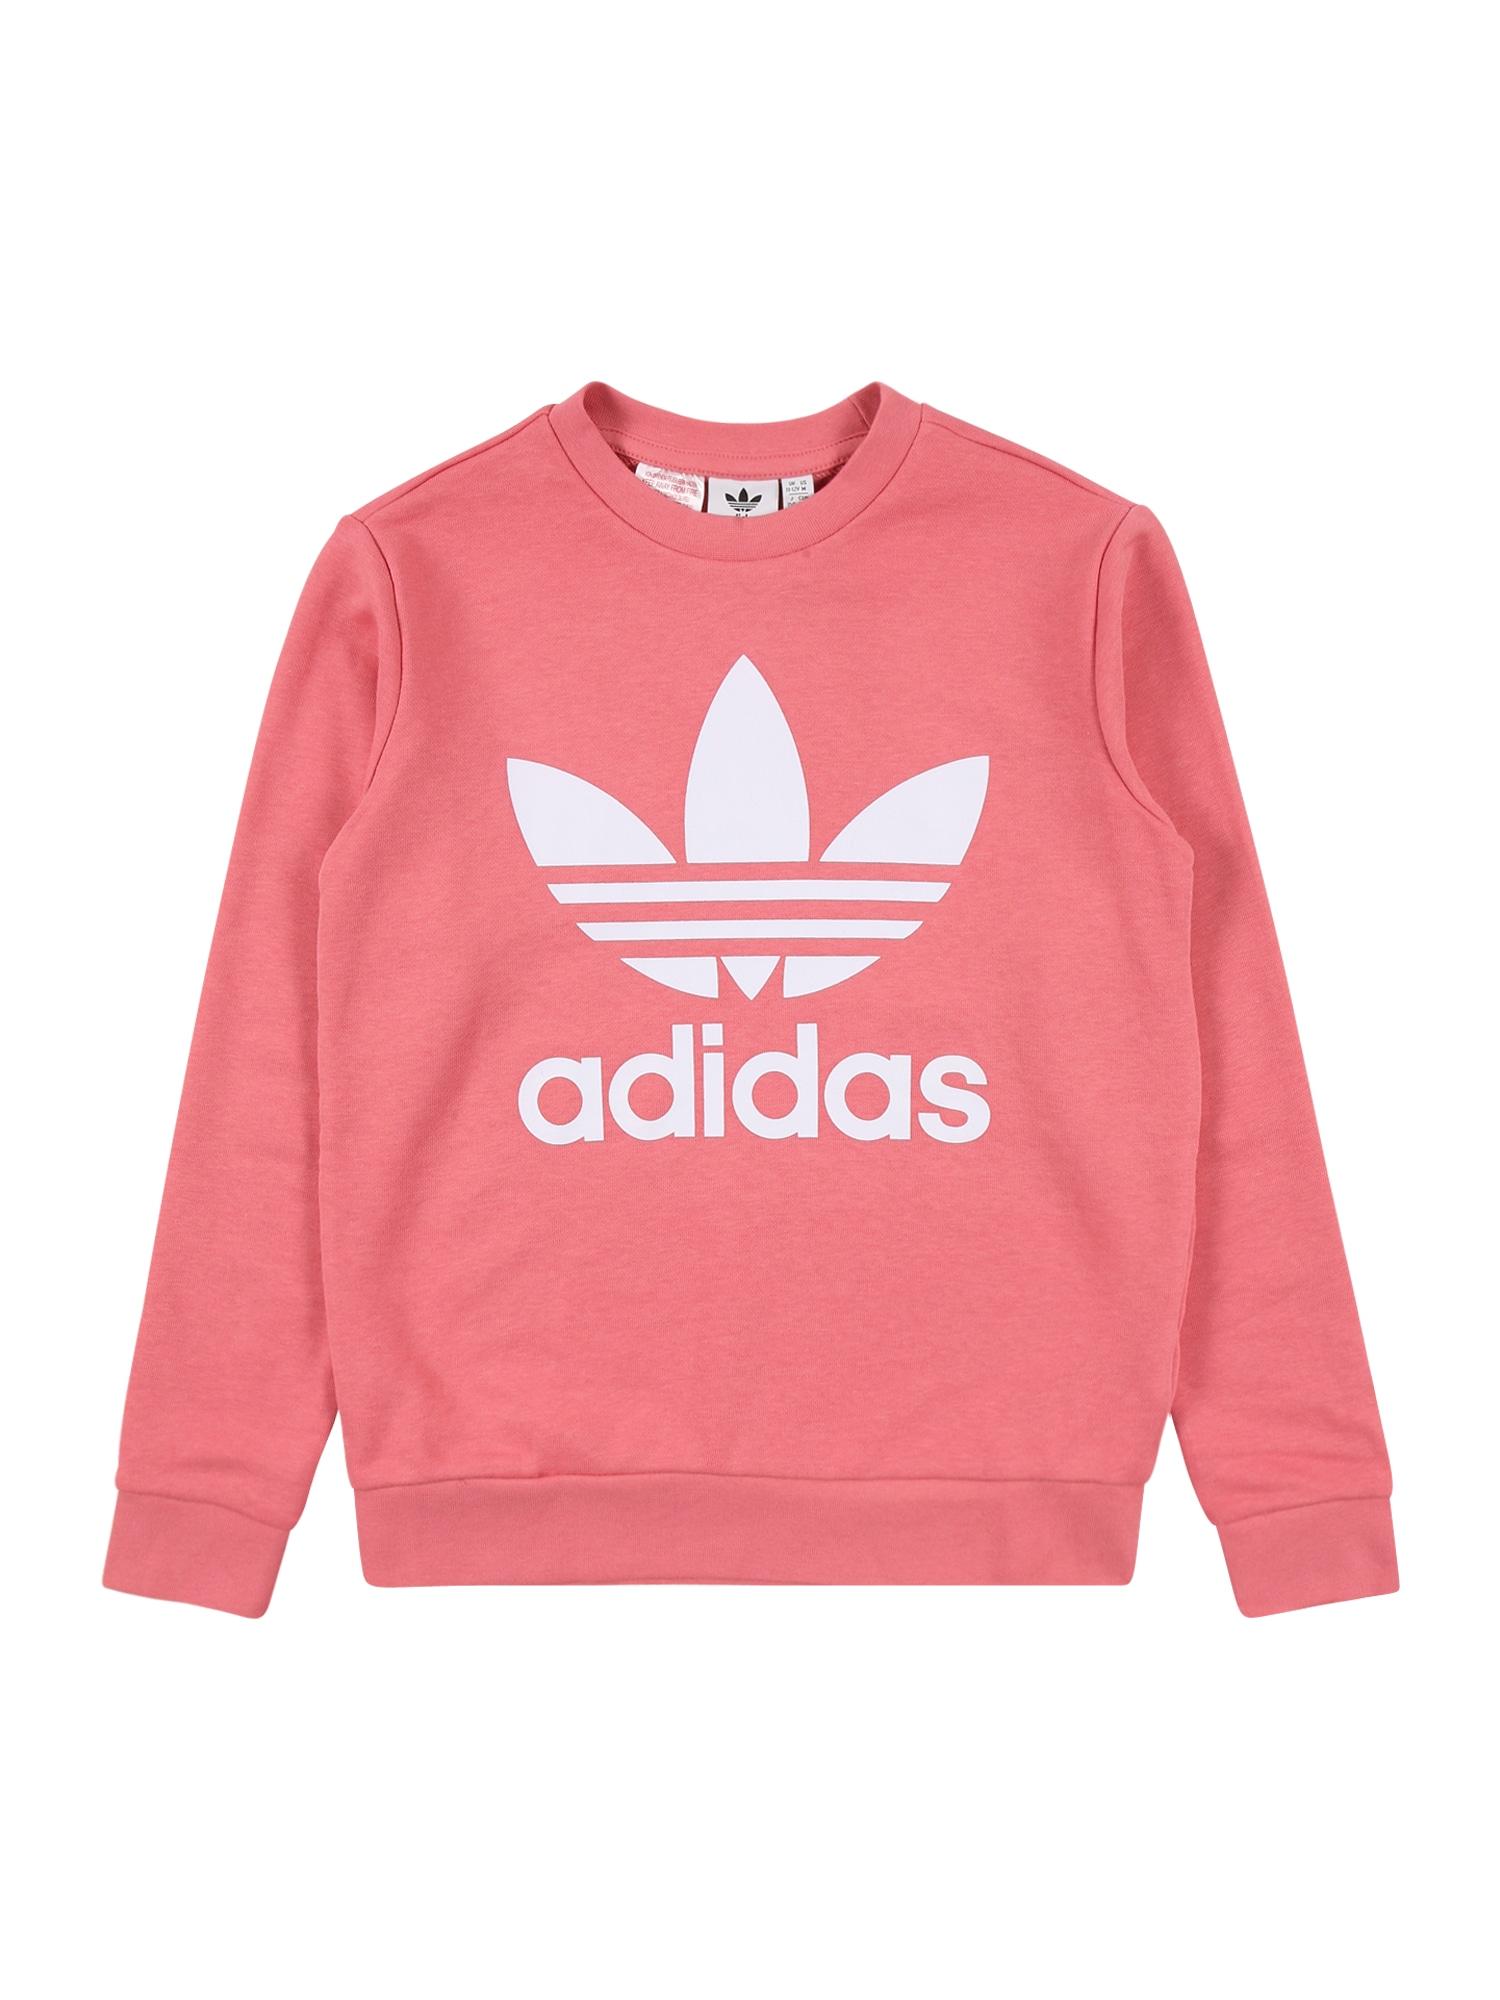 ADIDAS ORIGINALS Megztinis be užsegimo balta / ryškiai rožinė spalva